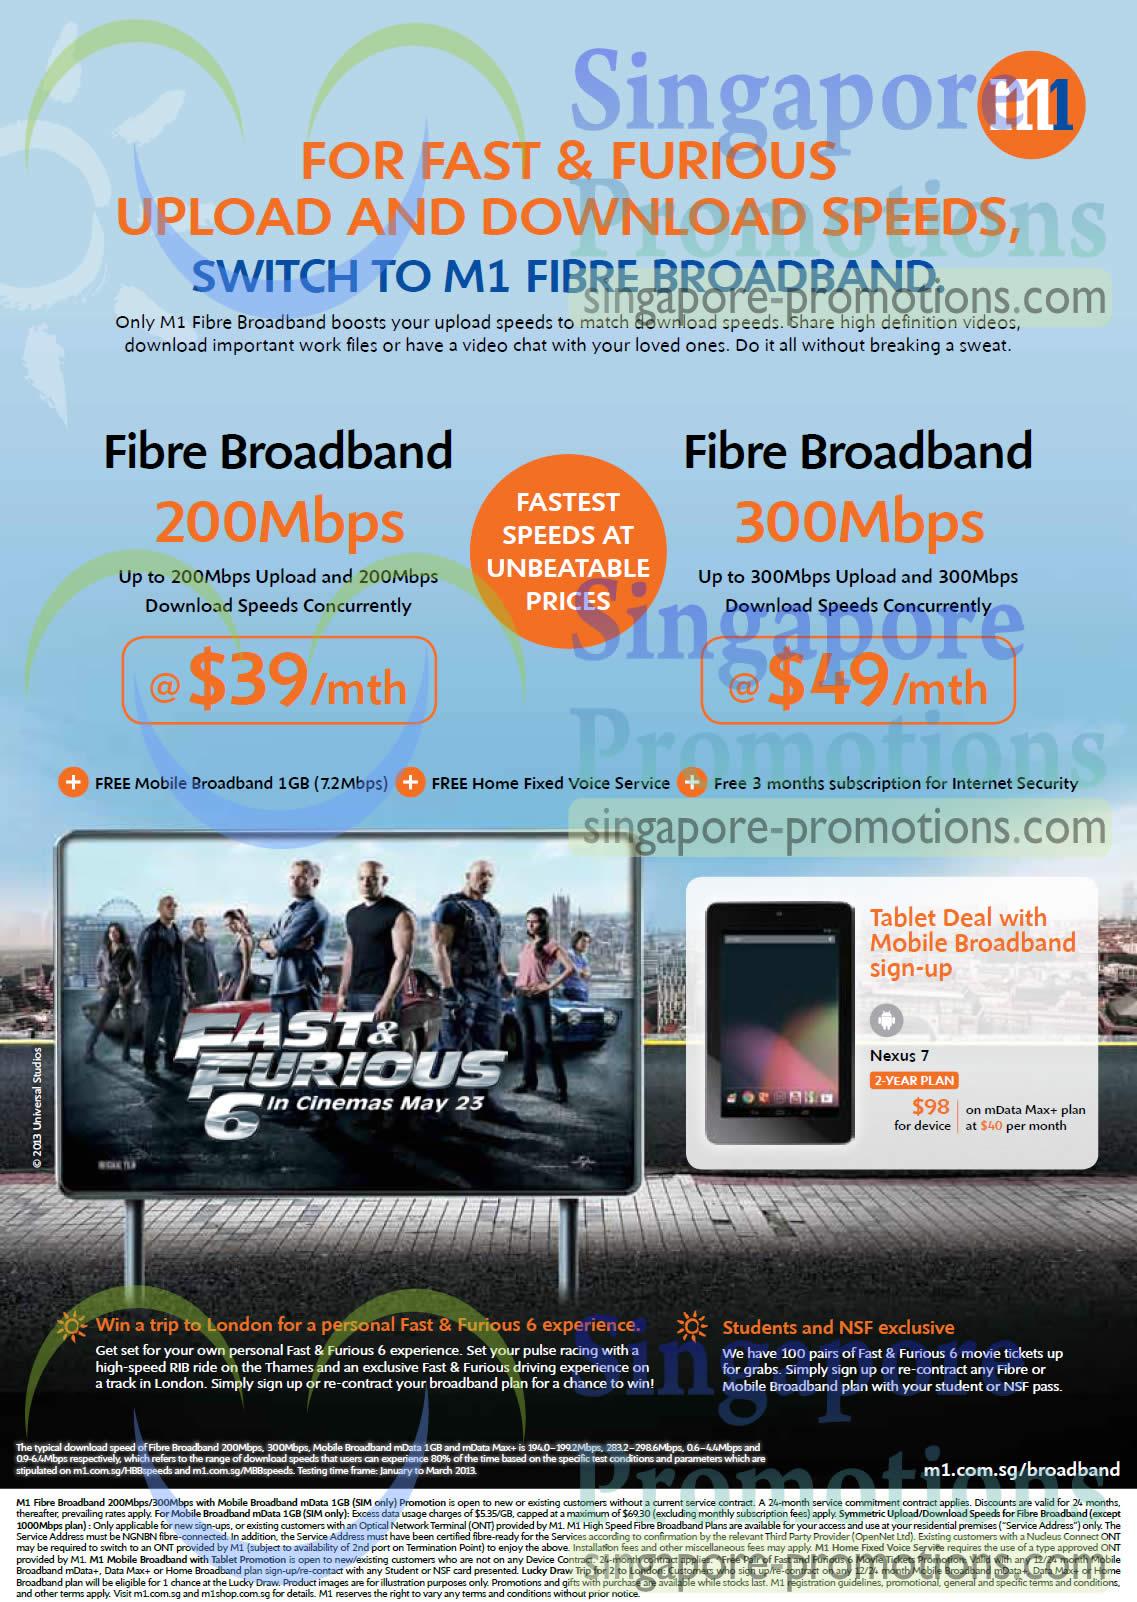 39.90 200Mbps Fibre Broadband, 49.00 300Mbps, Nexus 7